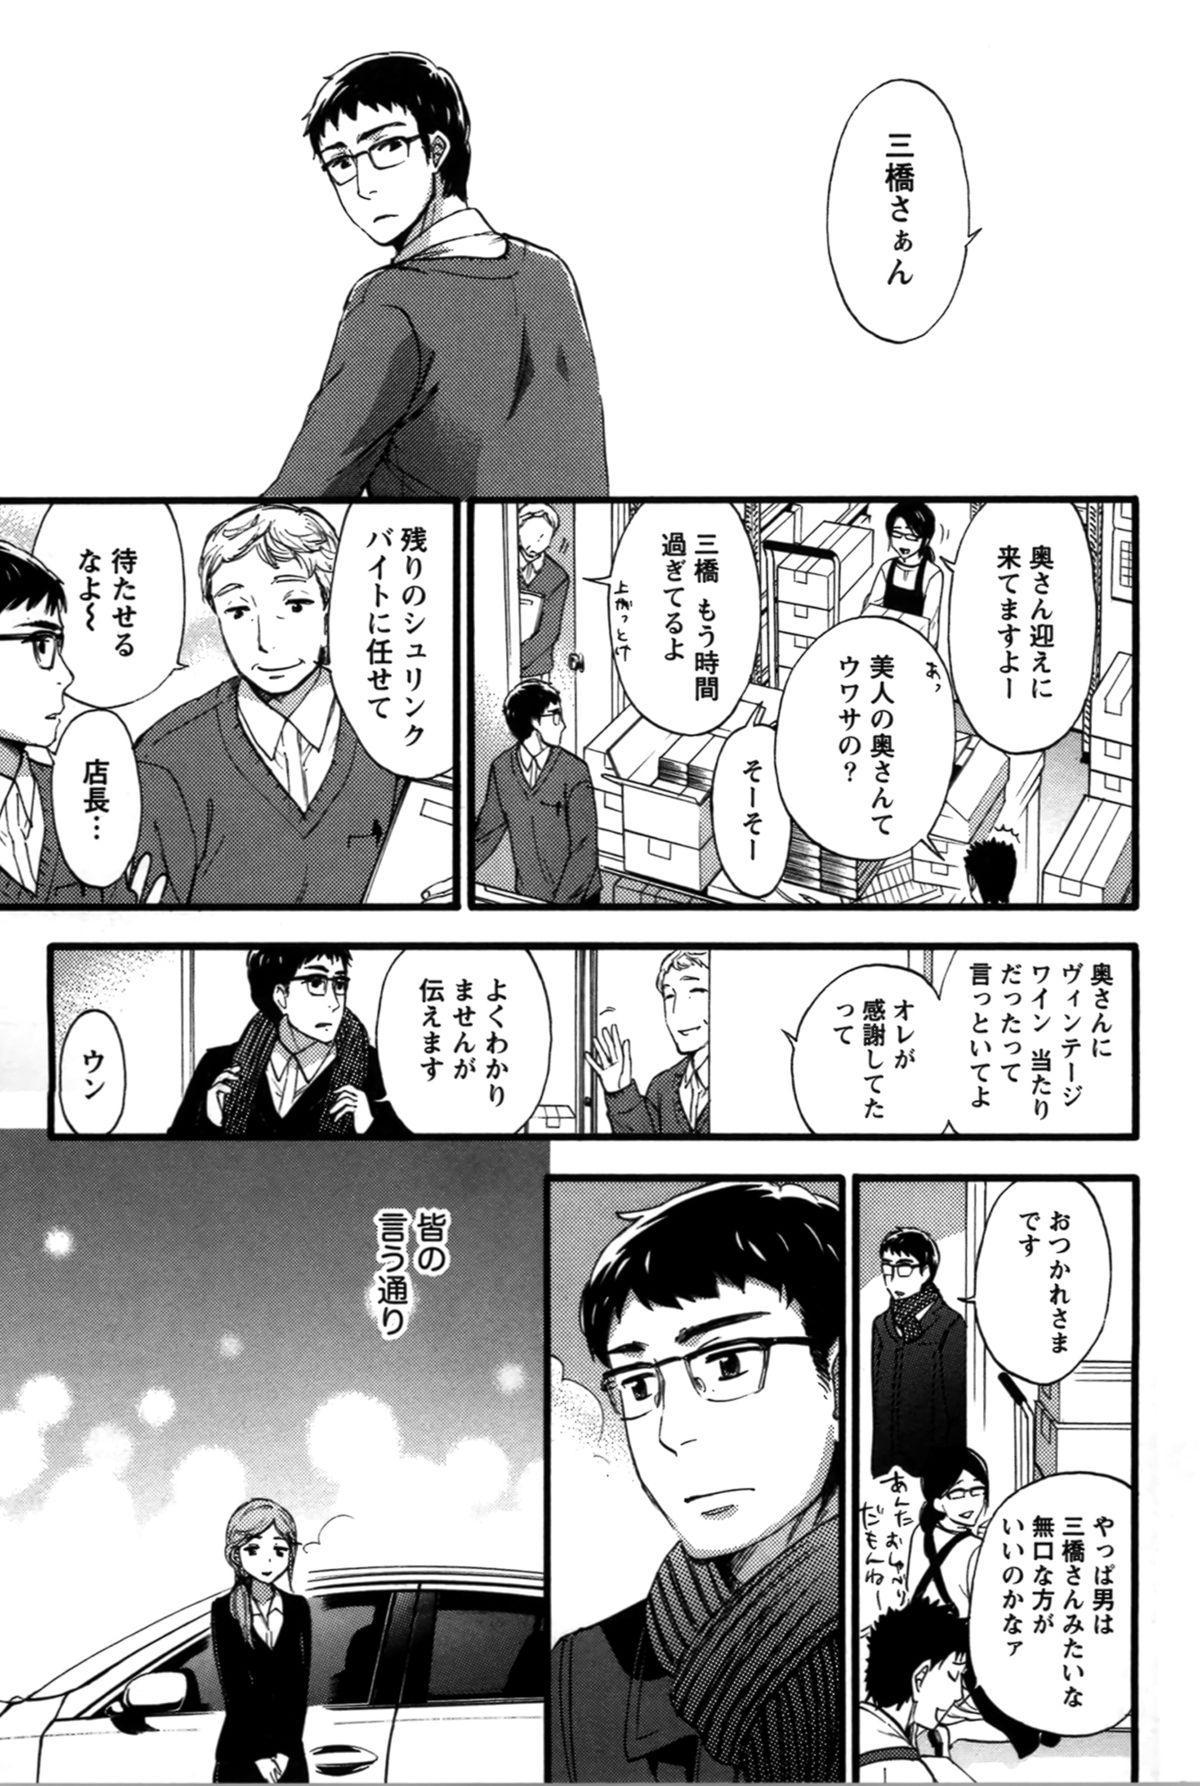 Anata to Watashi wa Warukunai 139